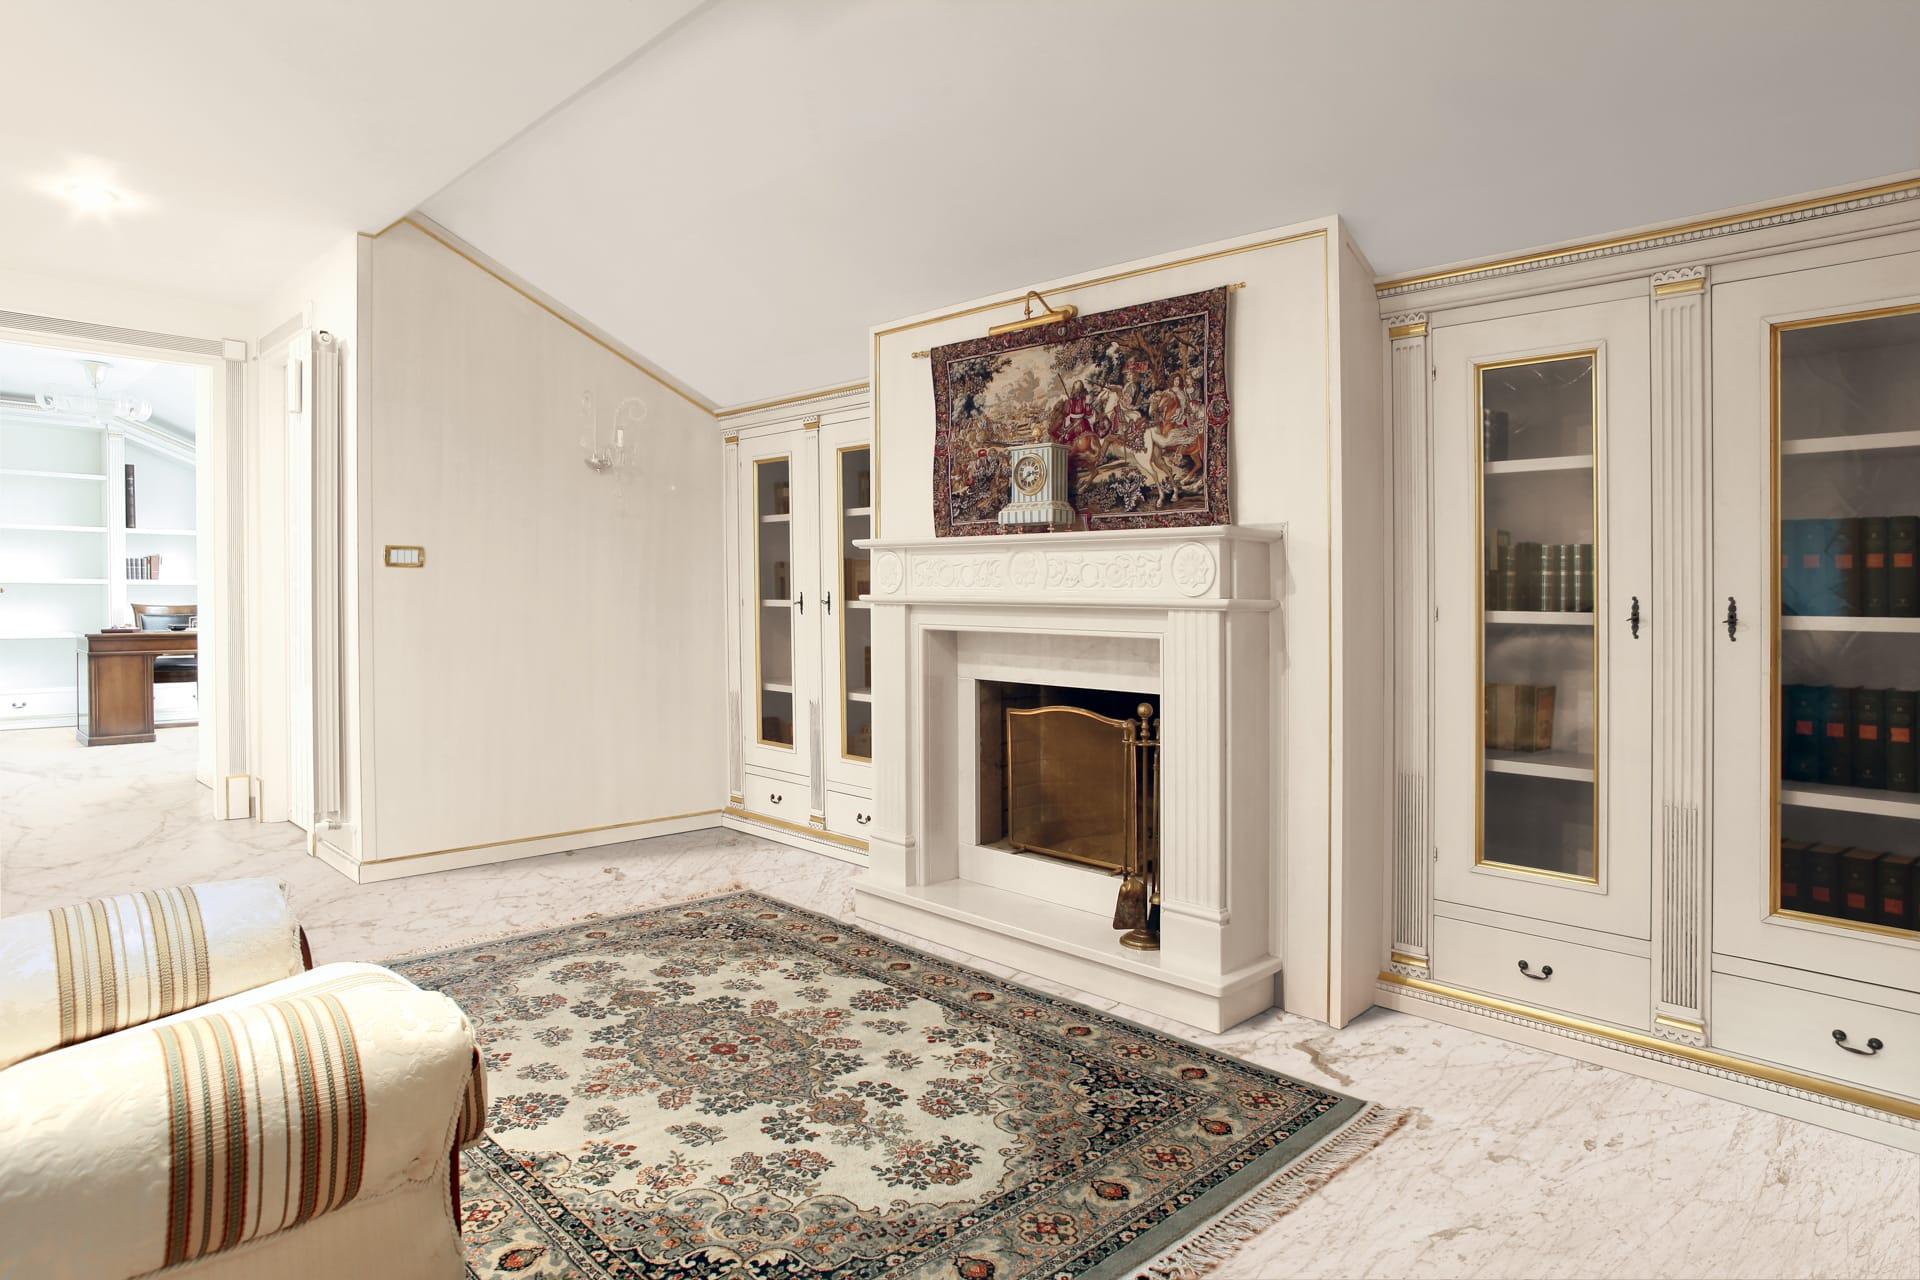 Progetti d'elite - Gallery 4